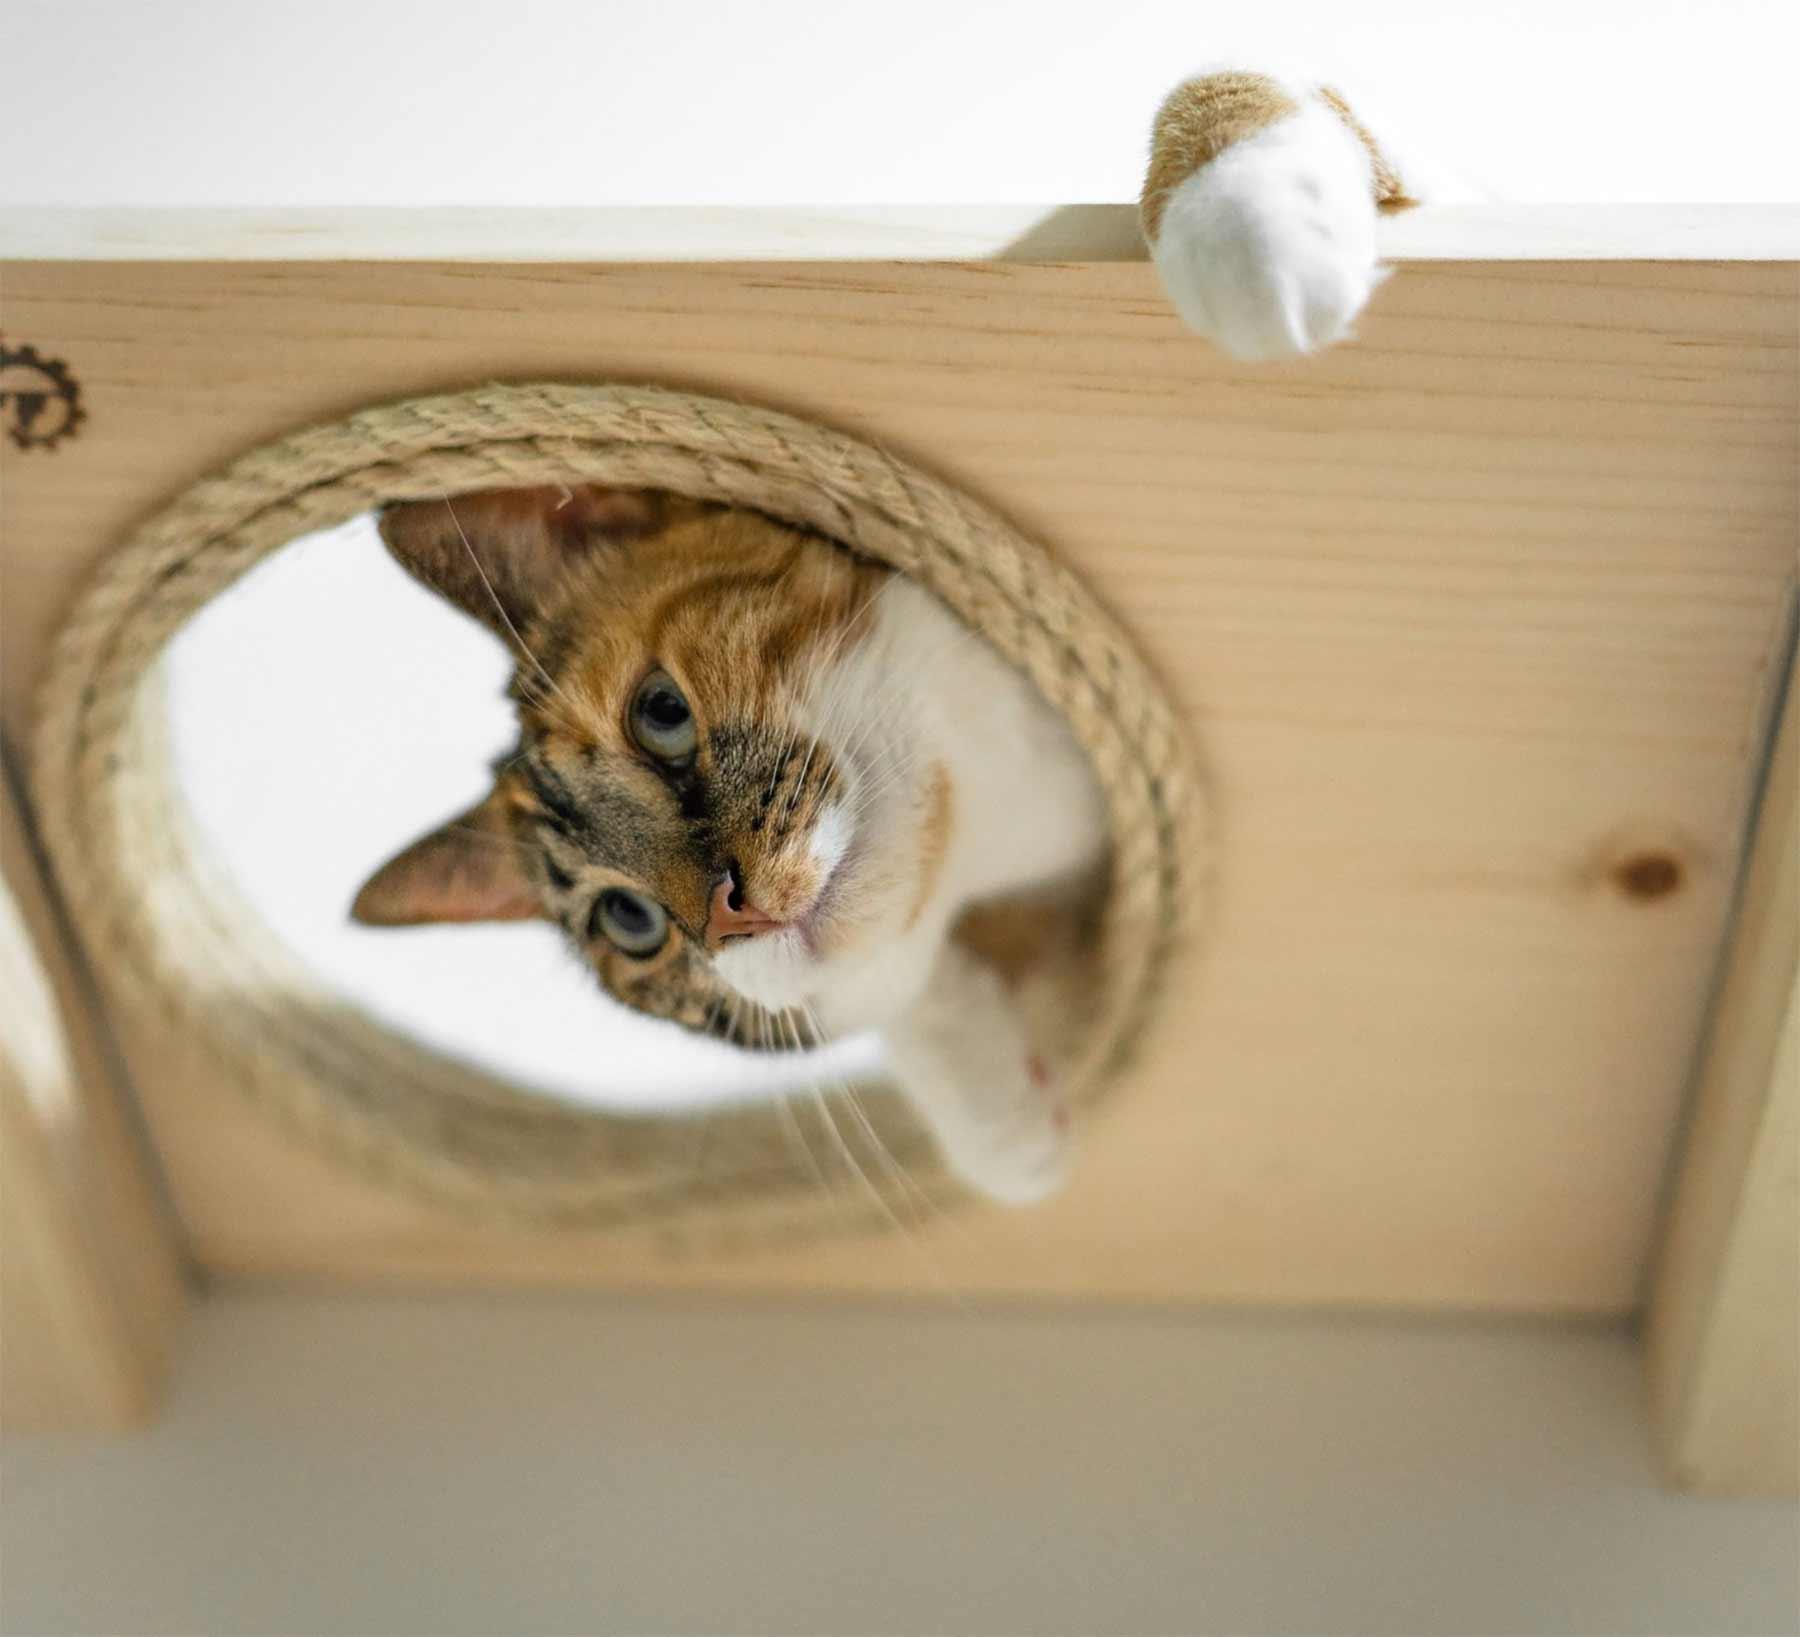 Modulares Katzenspielplatz-System für die Wand CatastrophiCreations-katzenspielplatz-wand-system_04